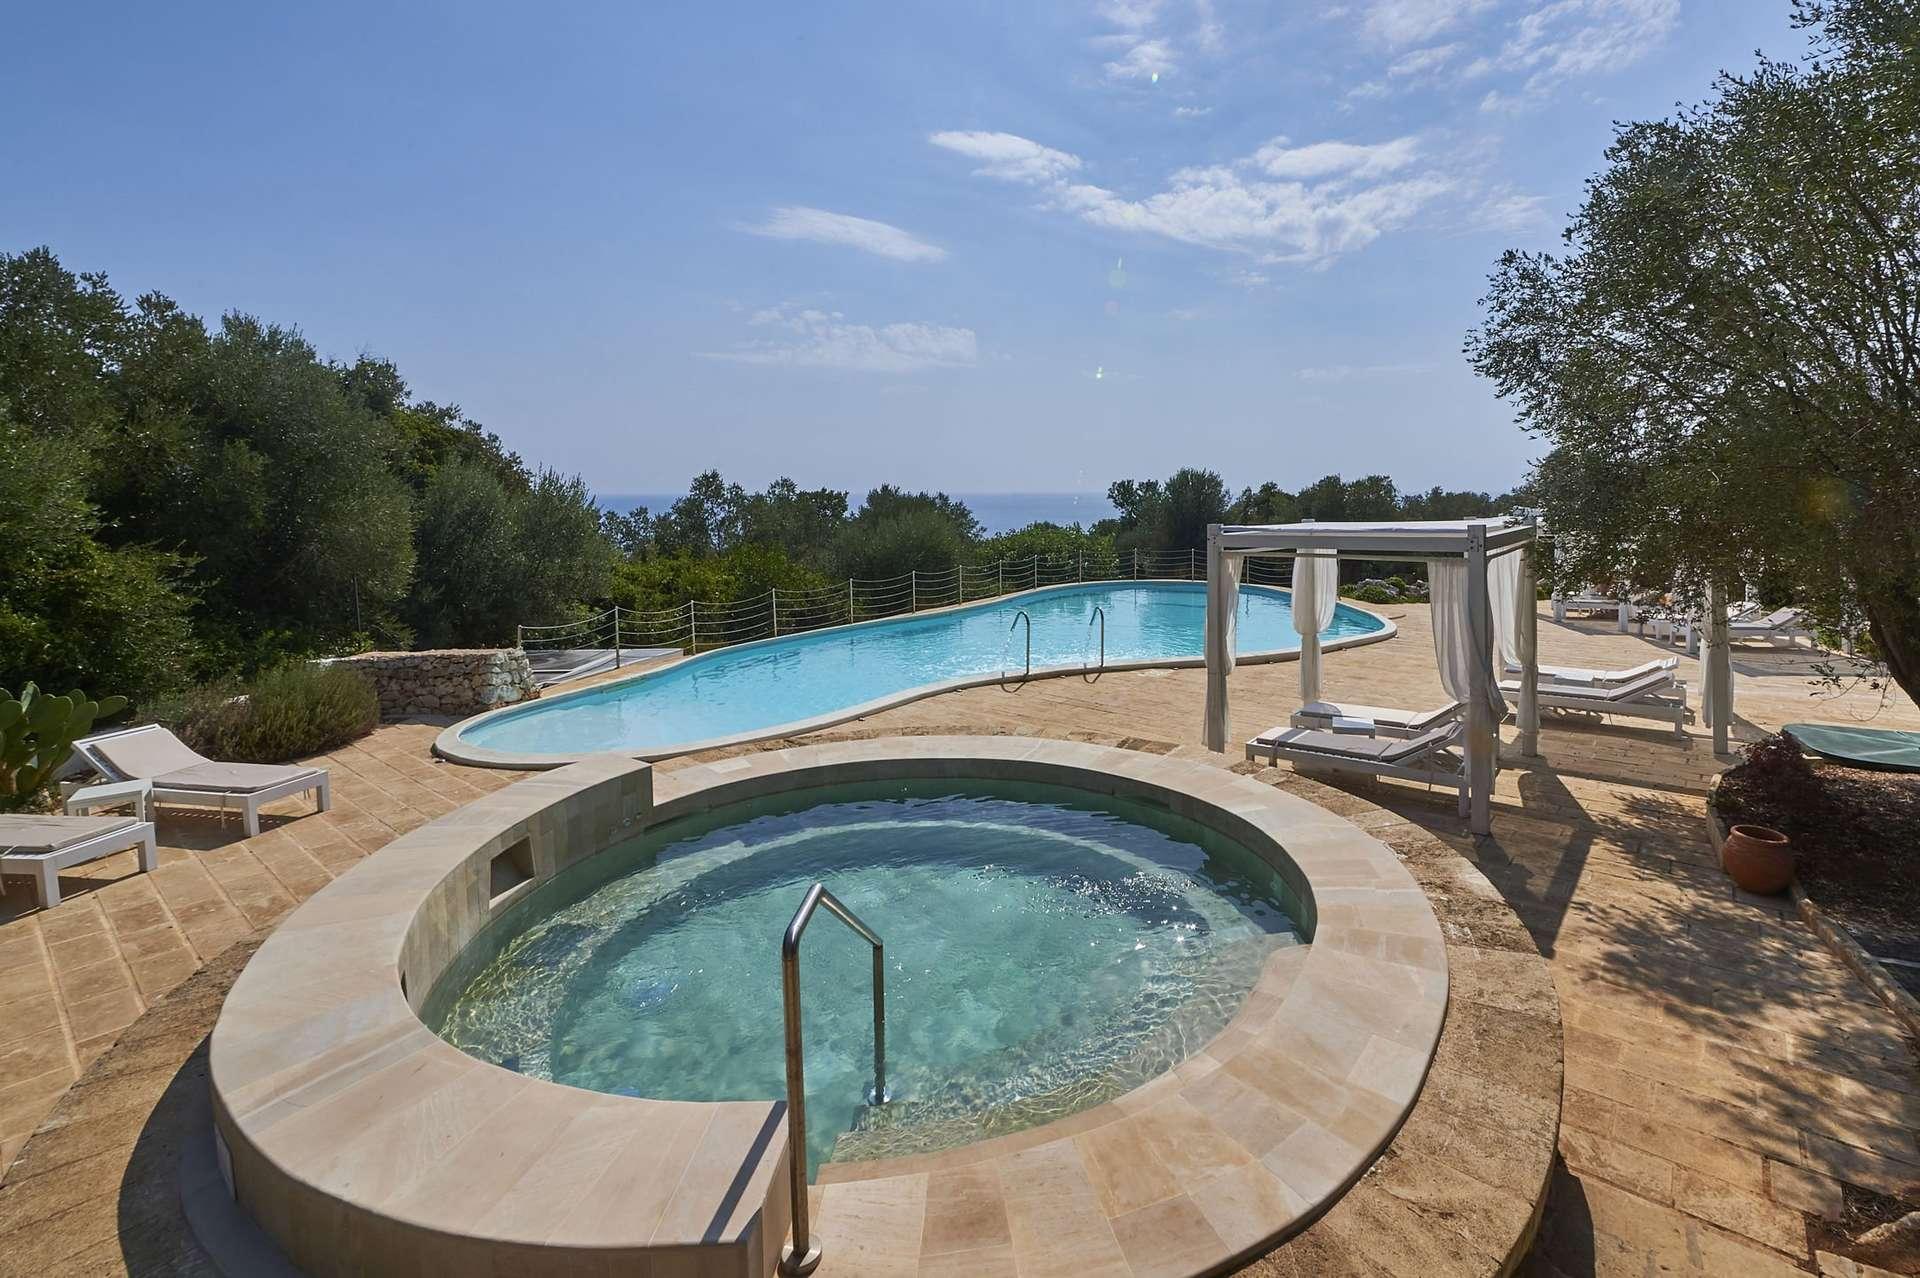 marenea suite hotel - puglia - italie - zwembaden met loungebedden